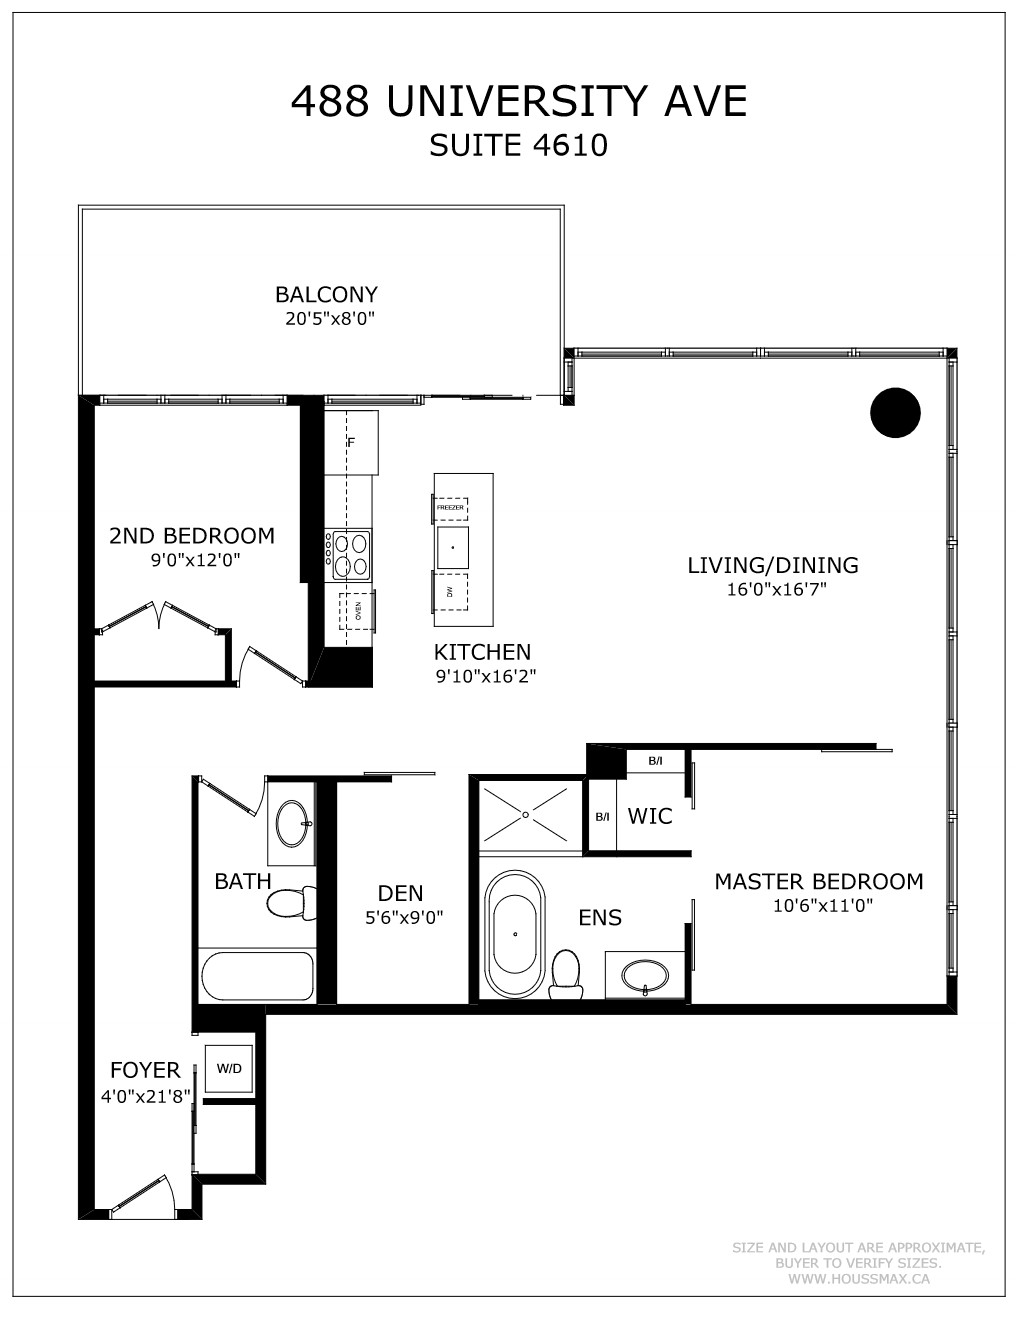 Floor plans for 488 University Ave 4610